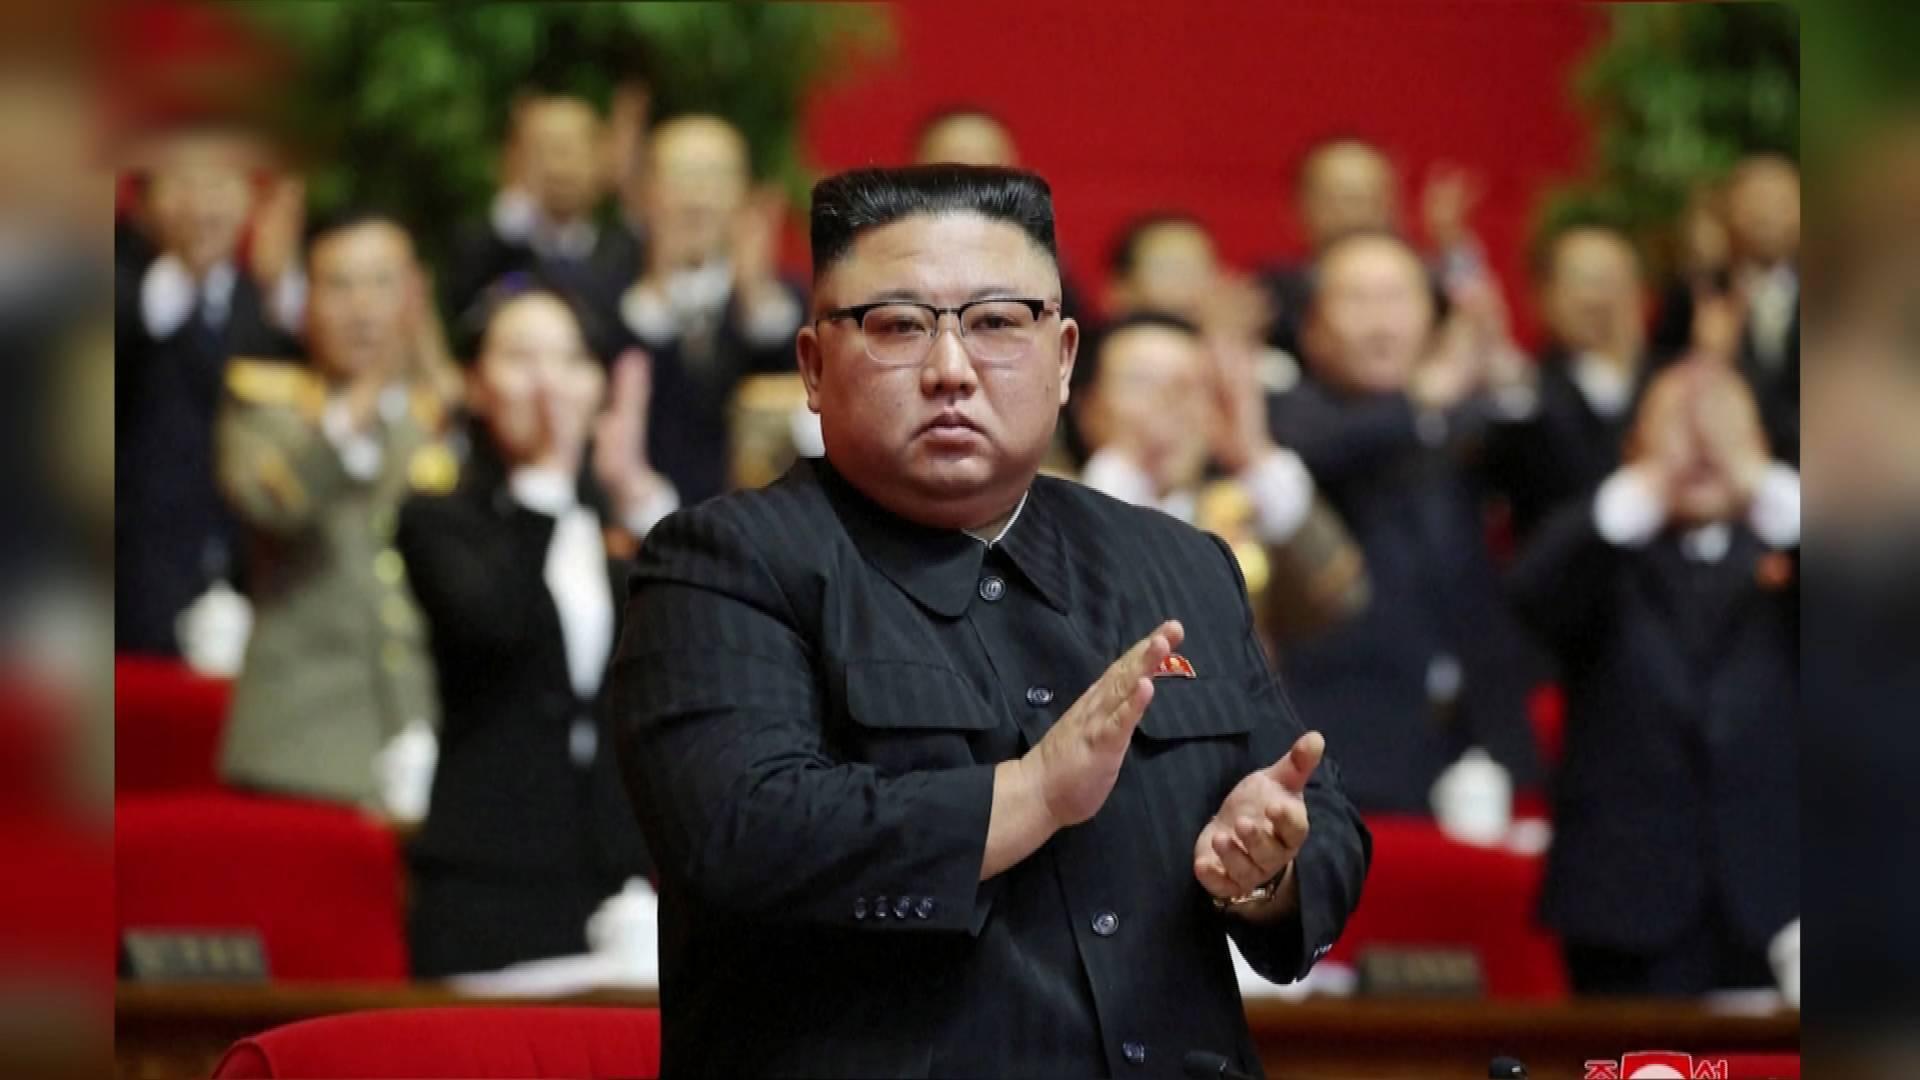 65秒丨金正恩被推举为朝鲜劳动党总书记